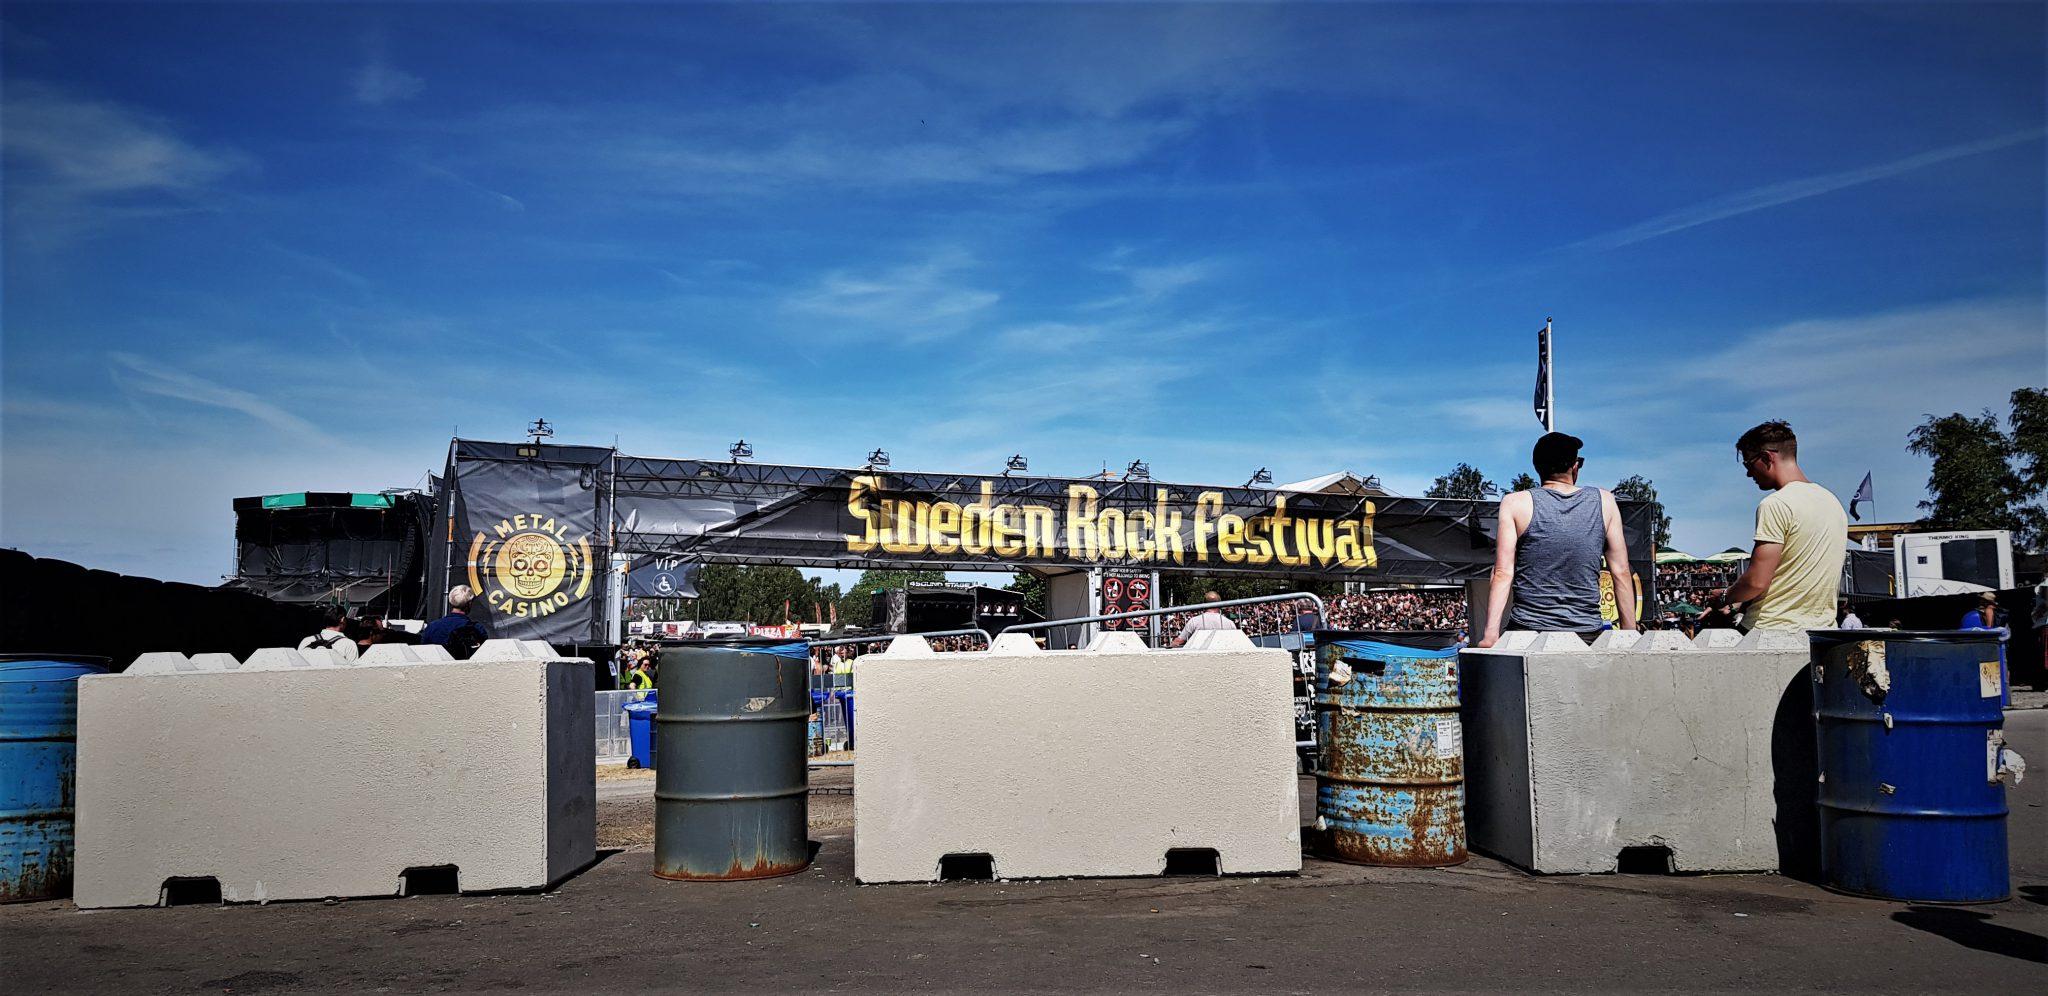 Trafikhinder_Sweden_Rock_1